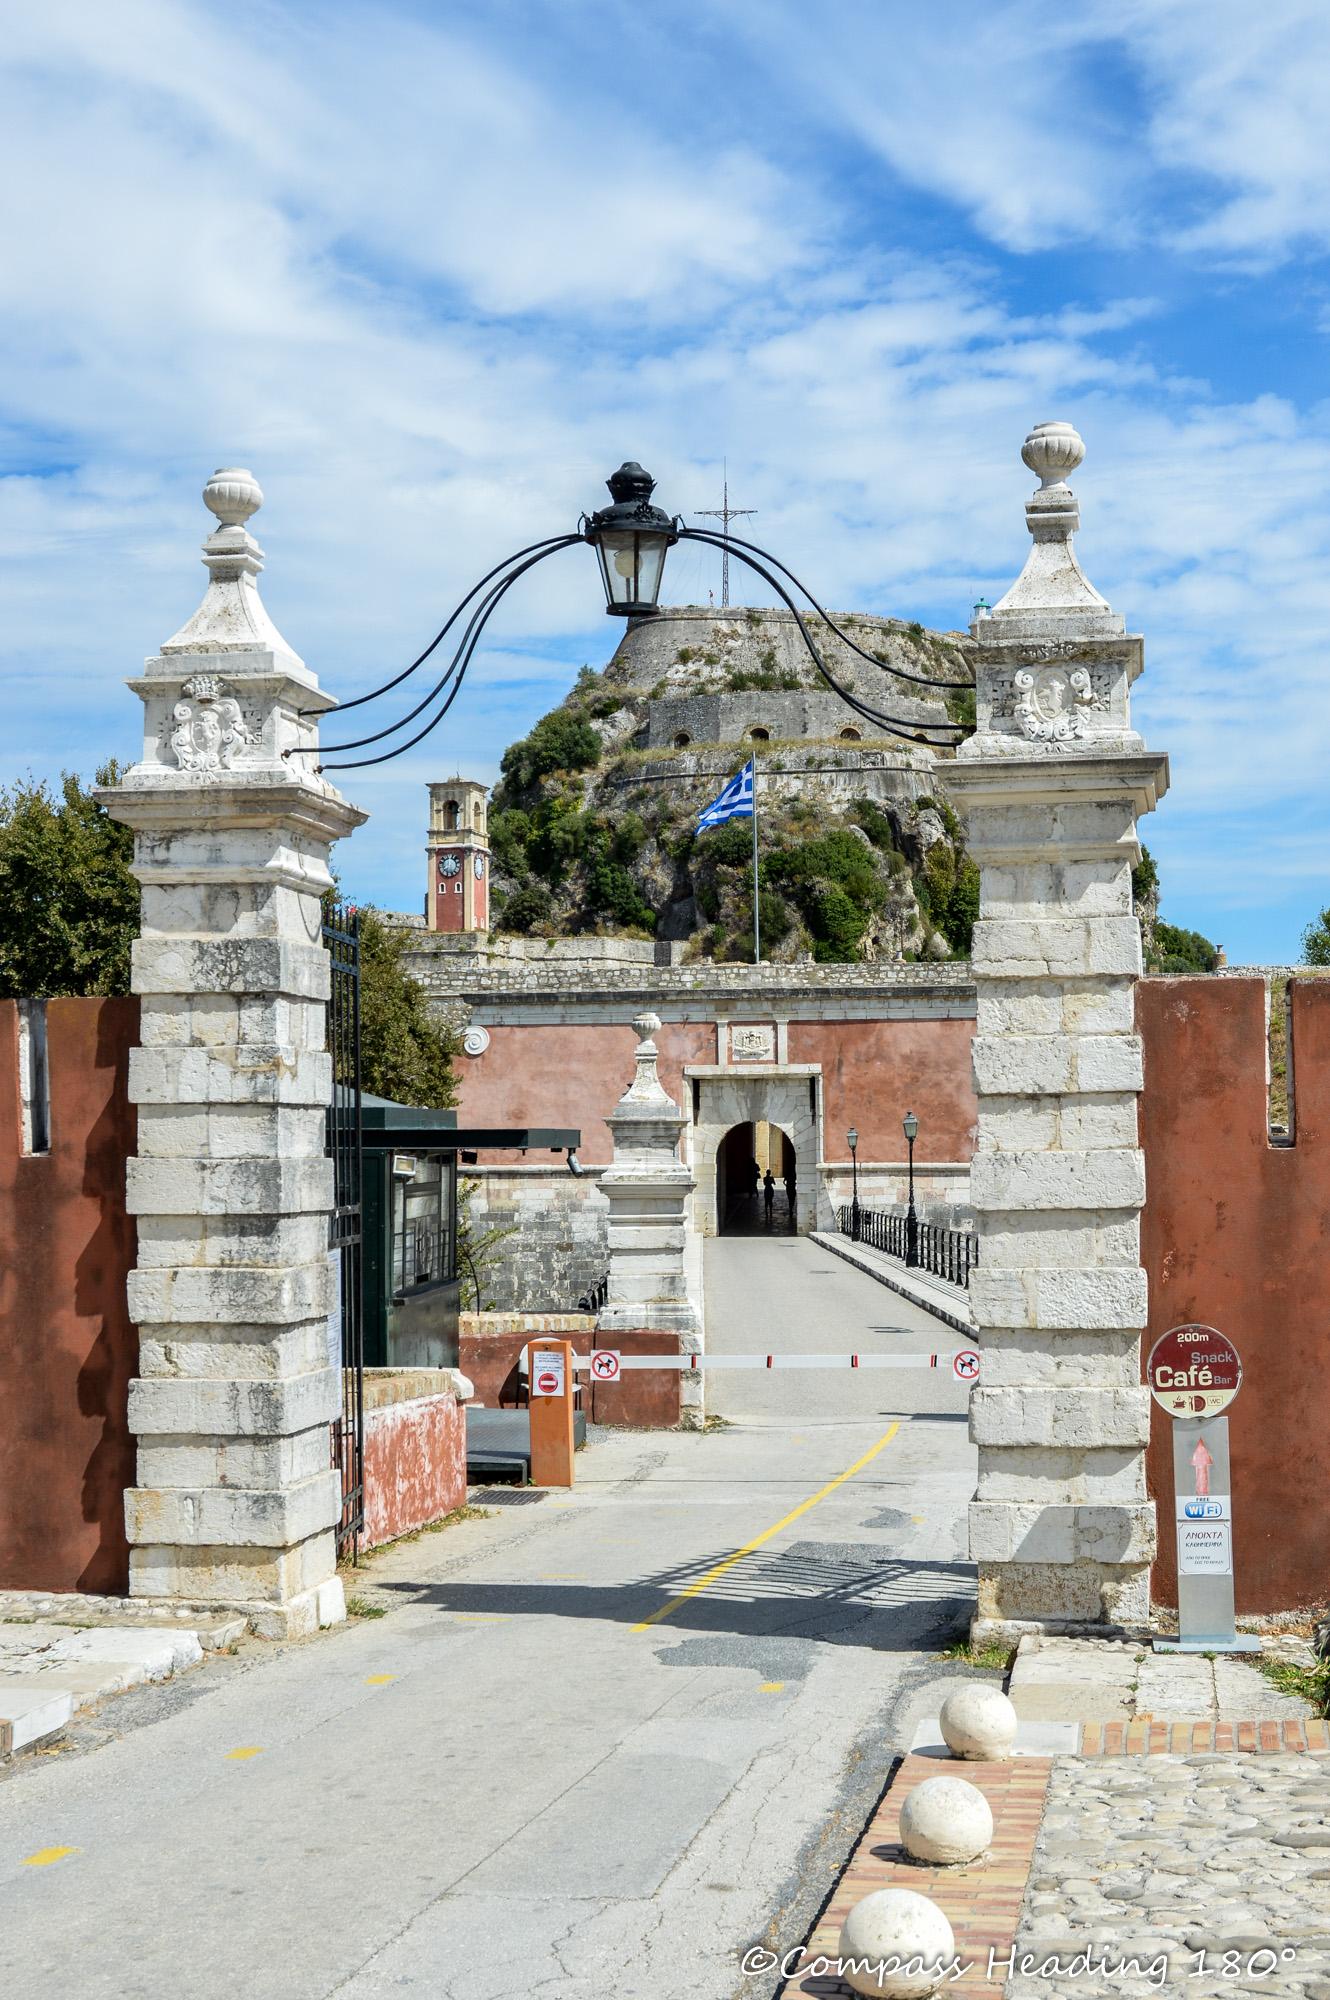 Corfu castle